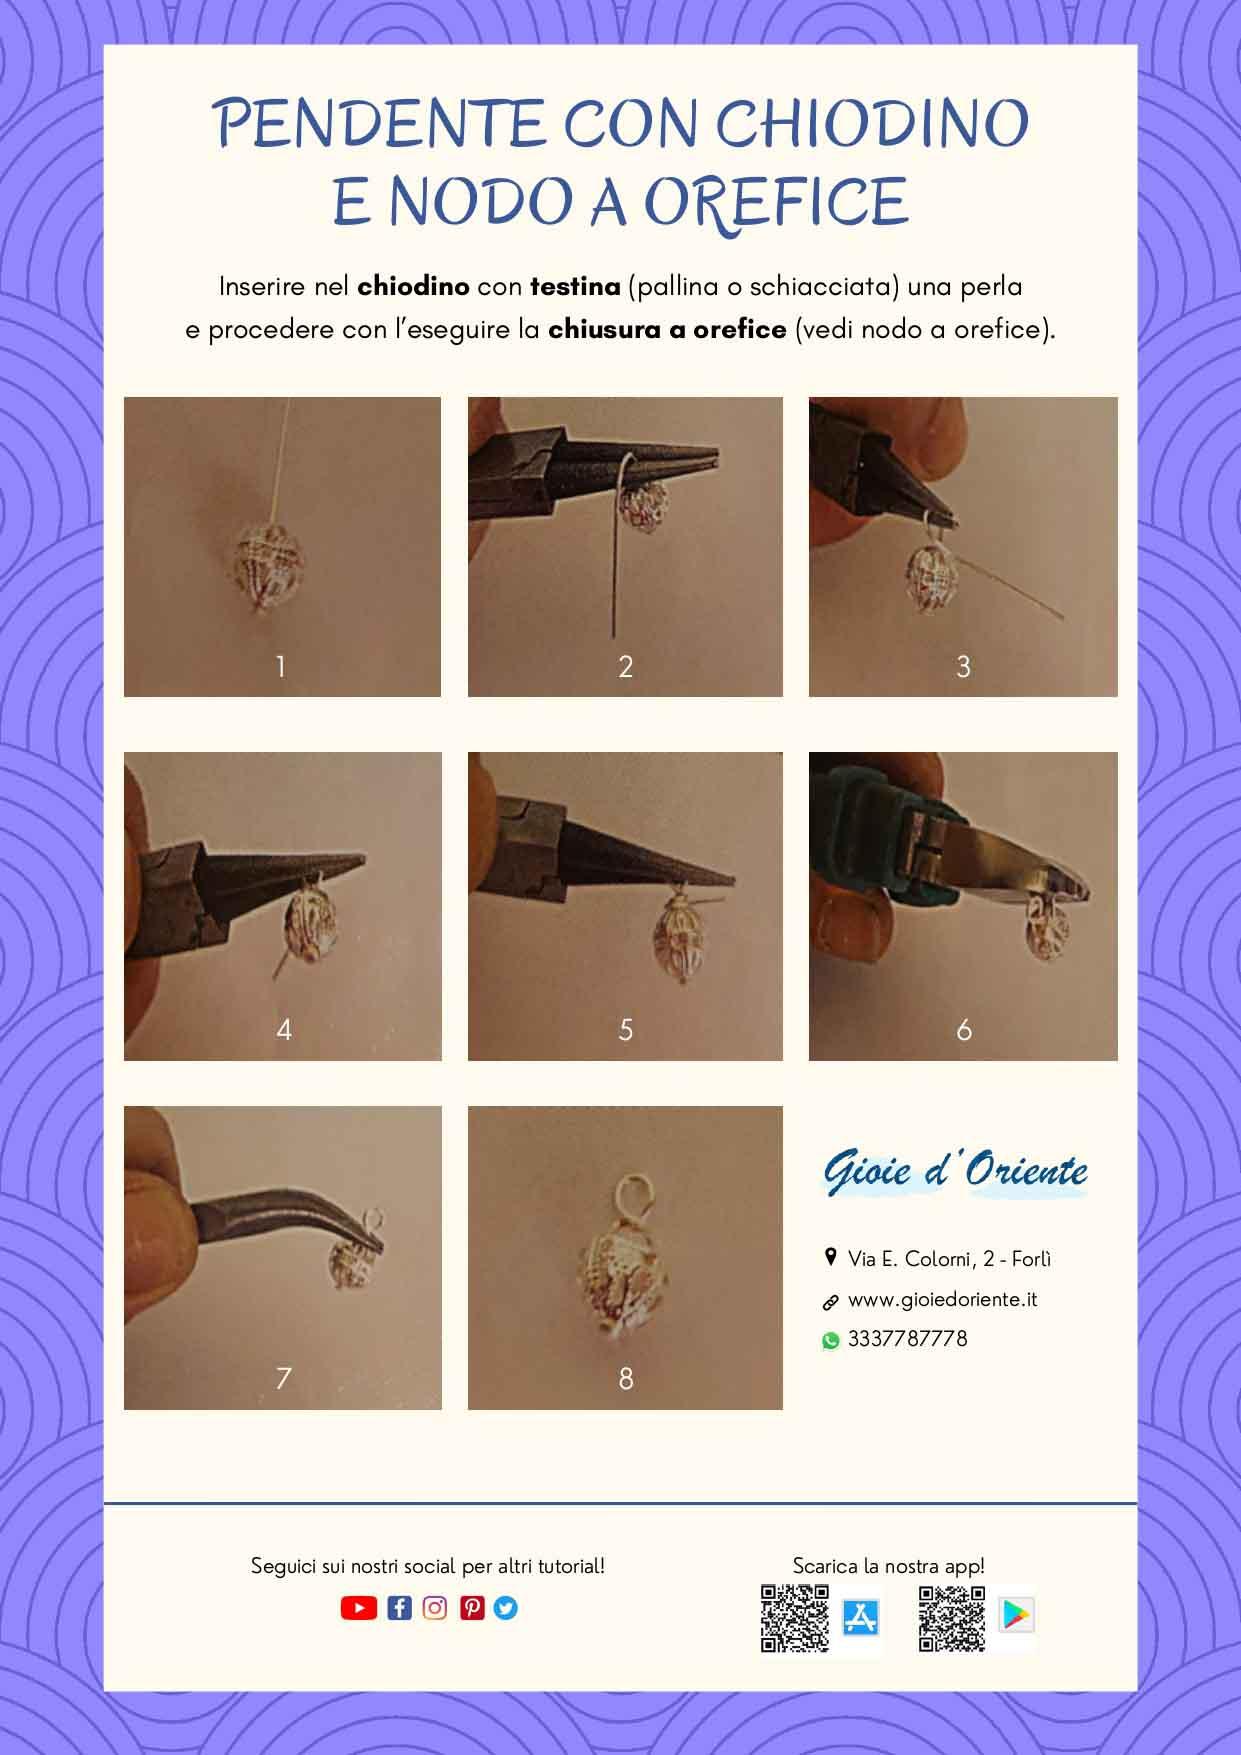 crea il tuo Pendente con chiodino e nodo a orefice con questo tutorial